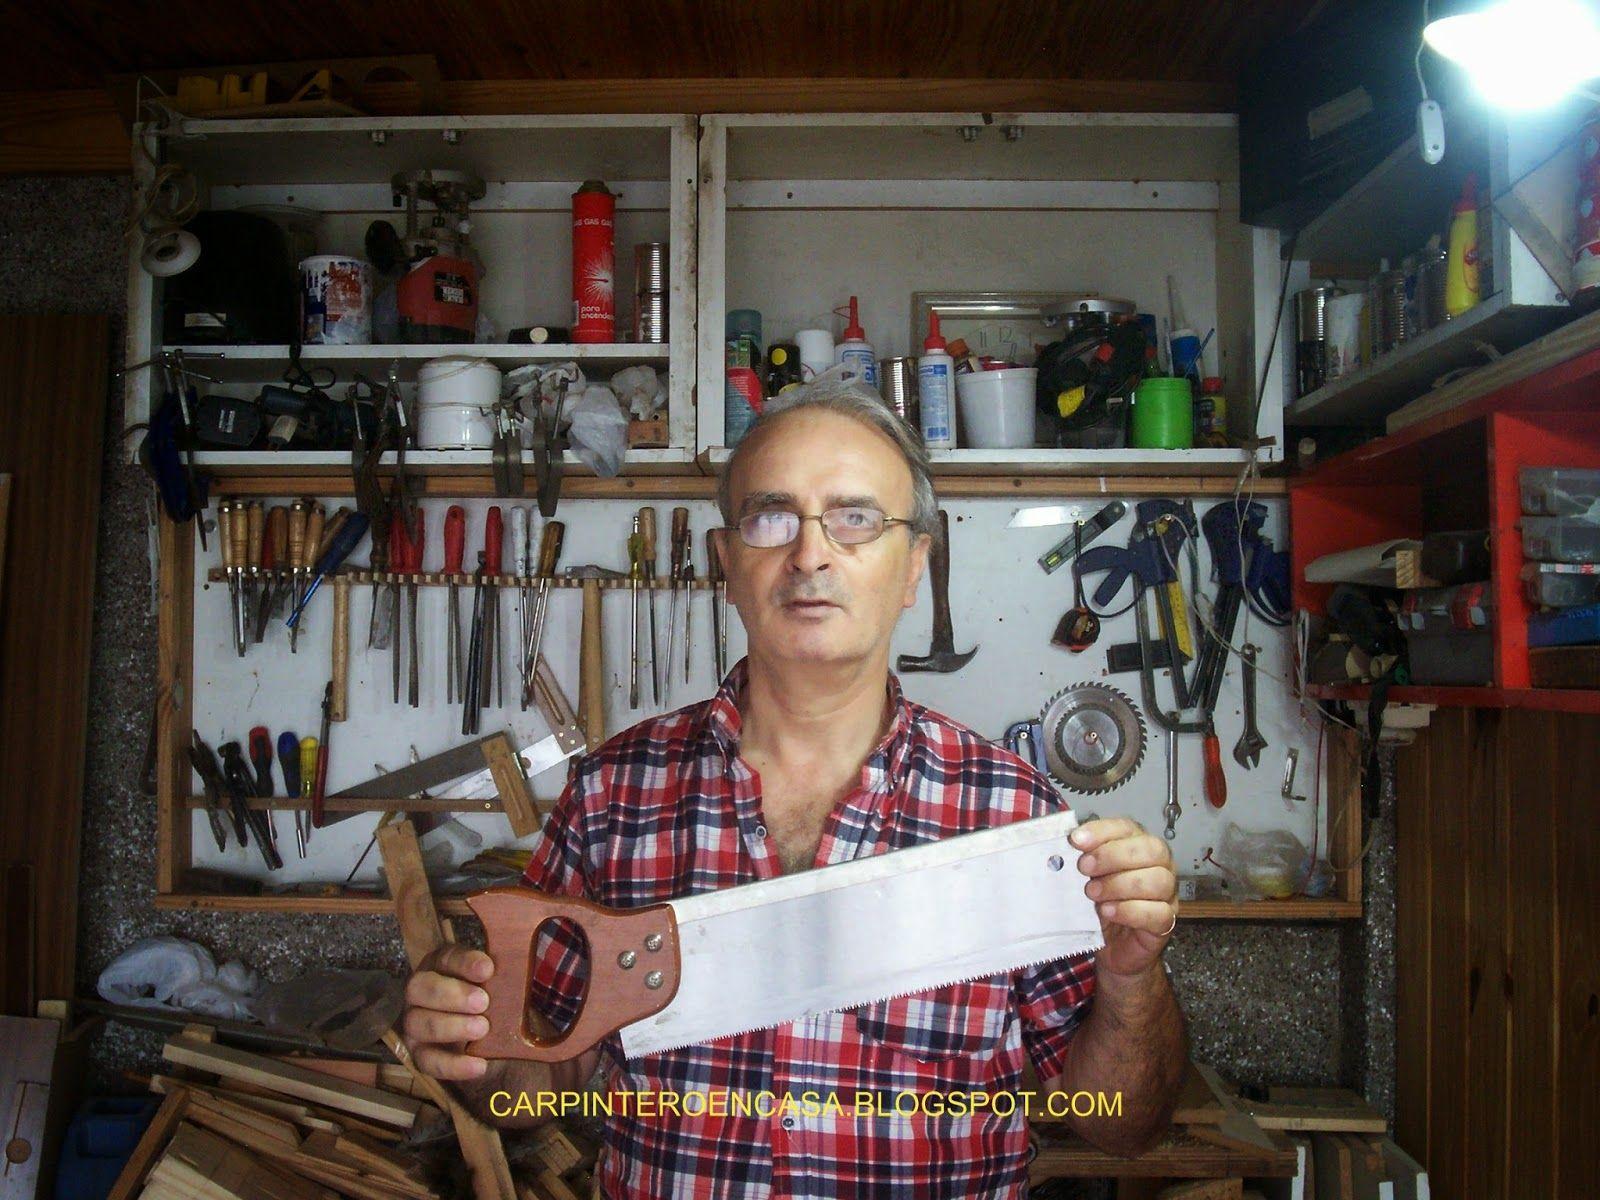 Carpintero en casa : COMO AFILAR EL SERRUCHO